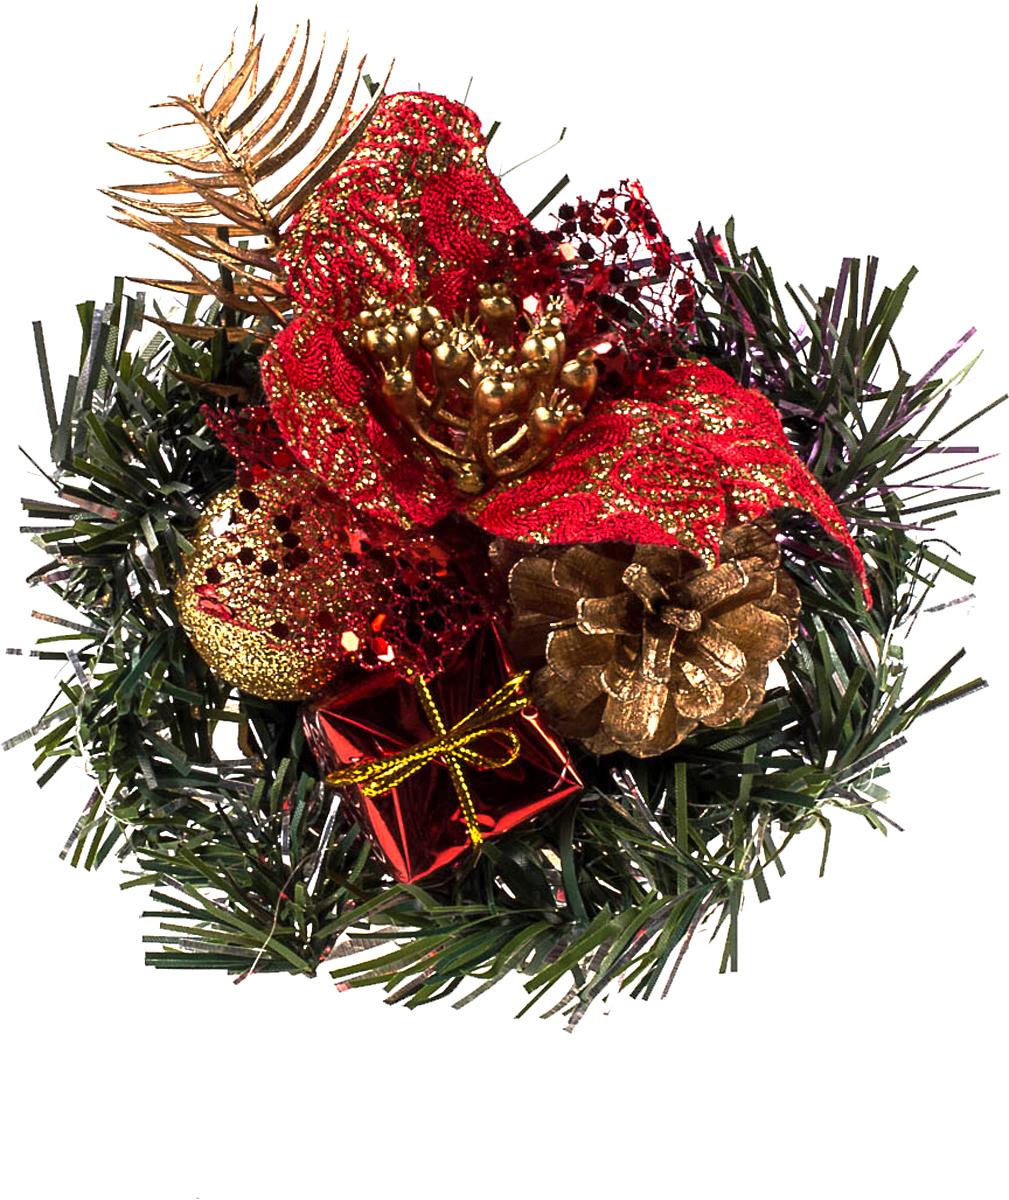 Новогодний букет в корзинке Vita Pelle, 10 см. K11kz1024K11kz1024Новогодний букет из игрушек и мишуры в корзинке